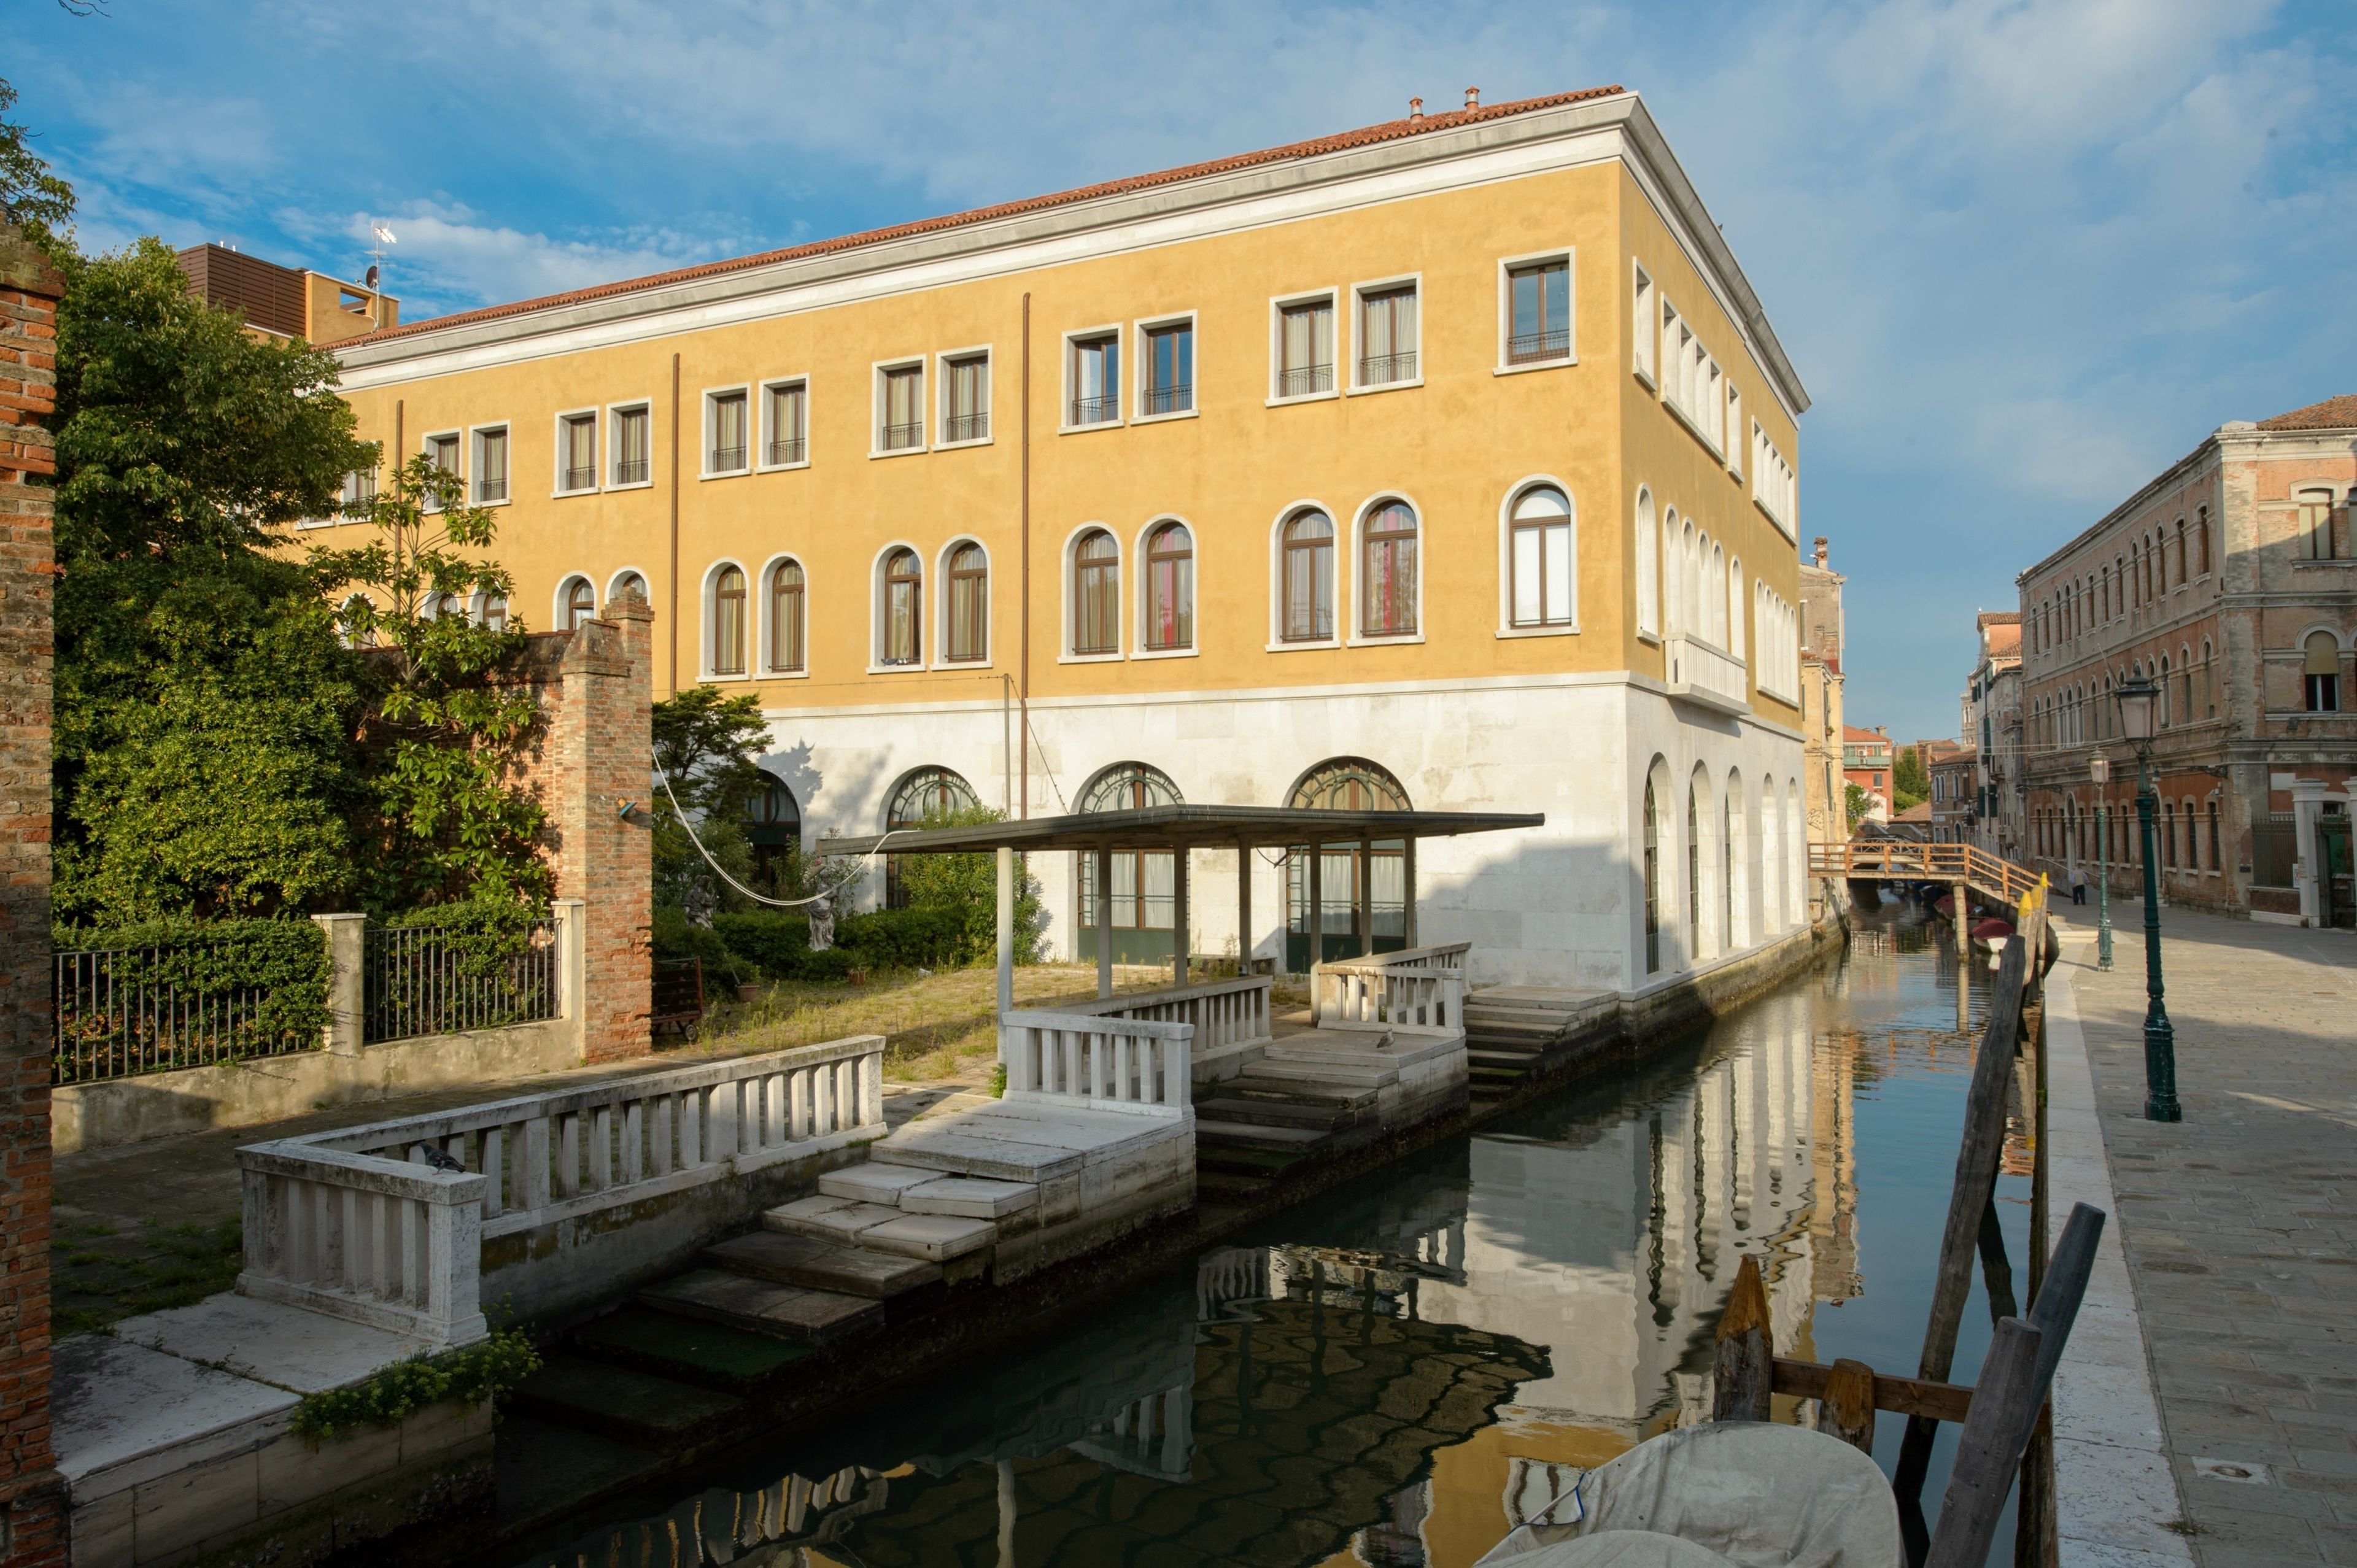 Courtesy of Palazzo Veneziano / Expedia